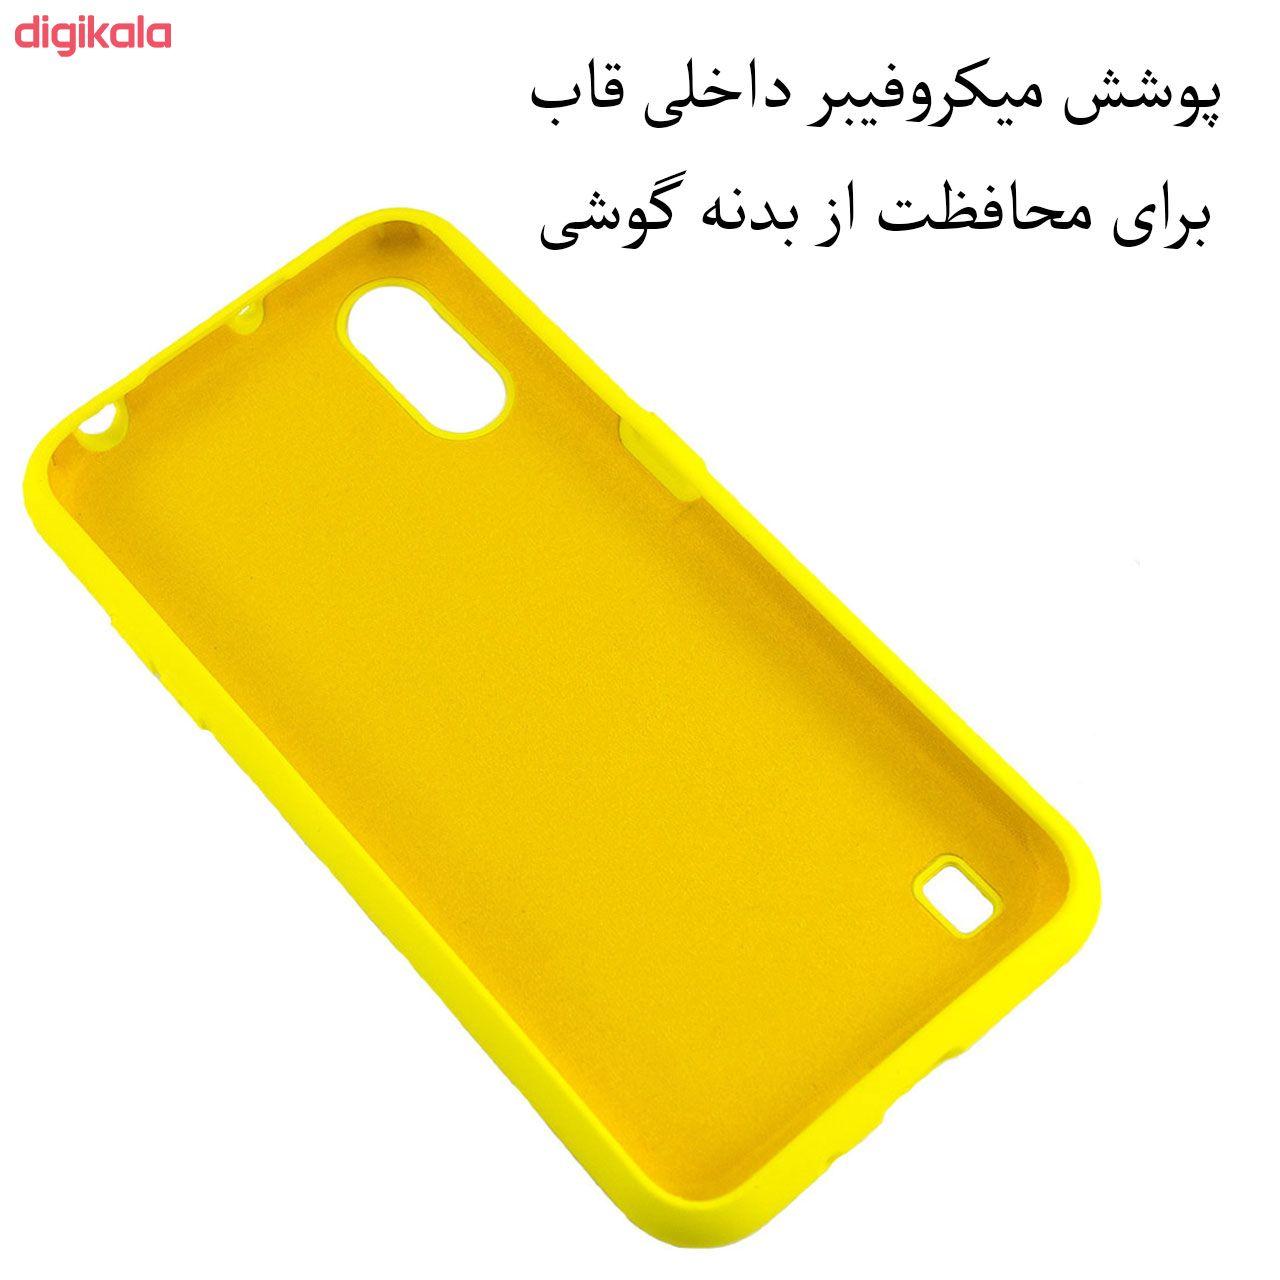 کاور مدل SLCN مناسب برای گوشی موبایل سامسونگ Galaxy A01 main 1 1